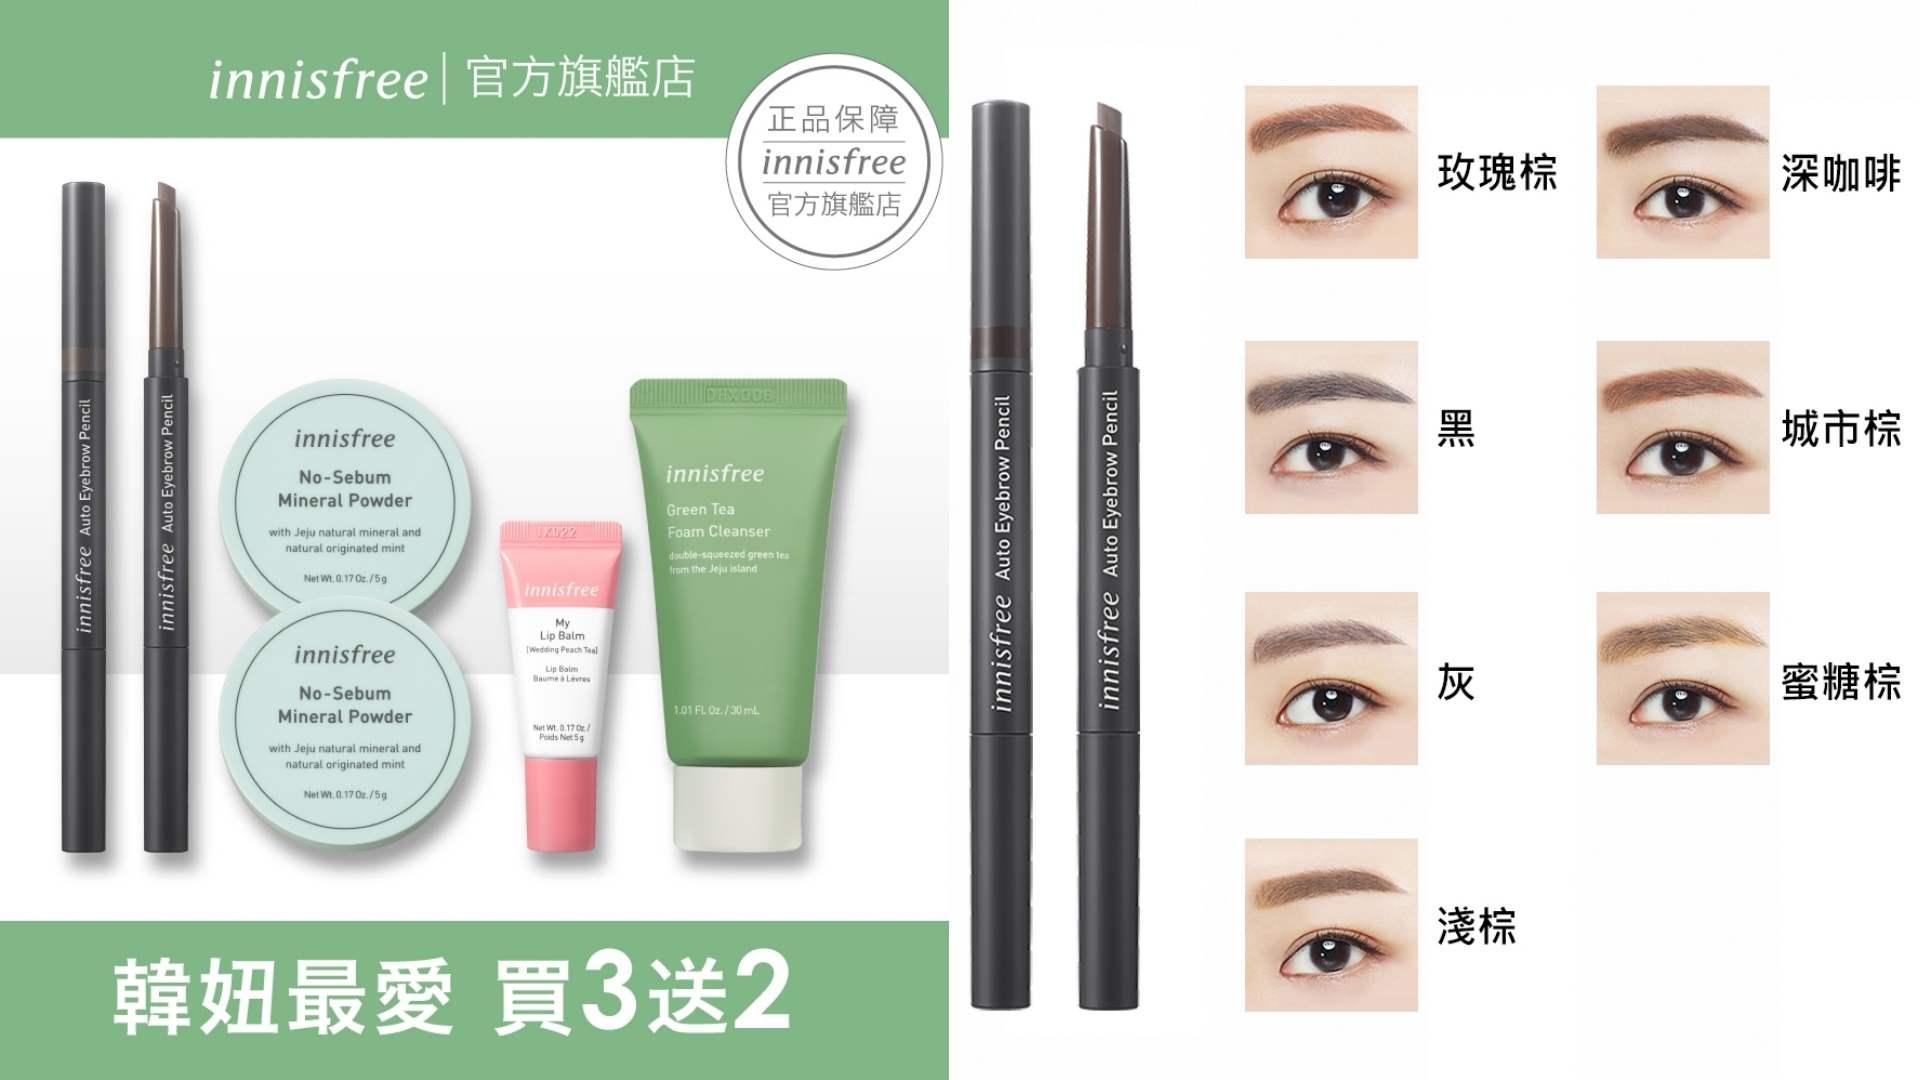 妝自然眉筆使用得是服貼度很高的眉粉,能夠輕鬆上色、增添立體感,另一頭還附蓬鬆柔軟的眉刷,讓眉毛更自然!